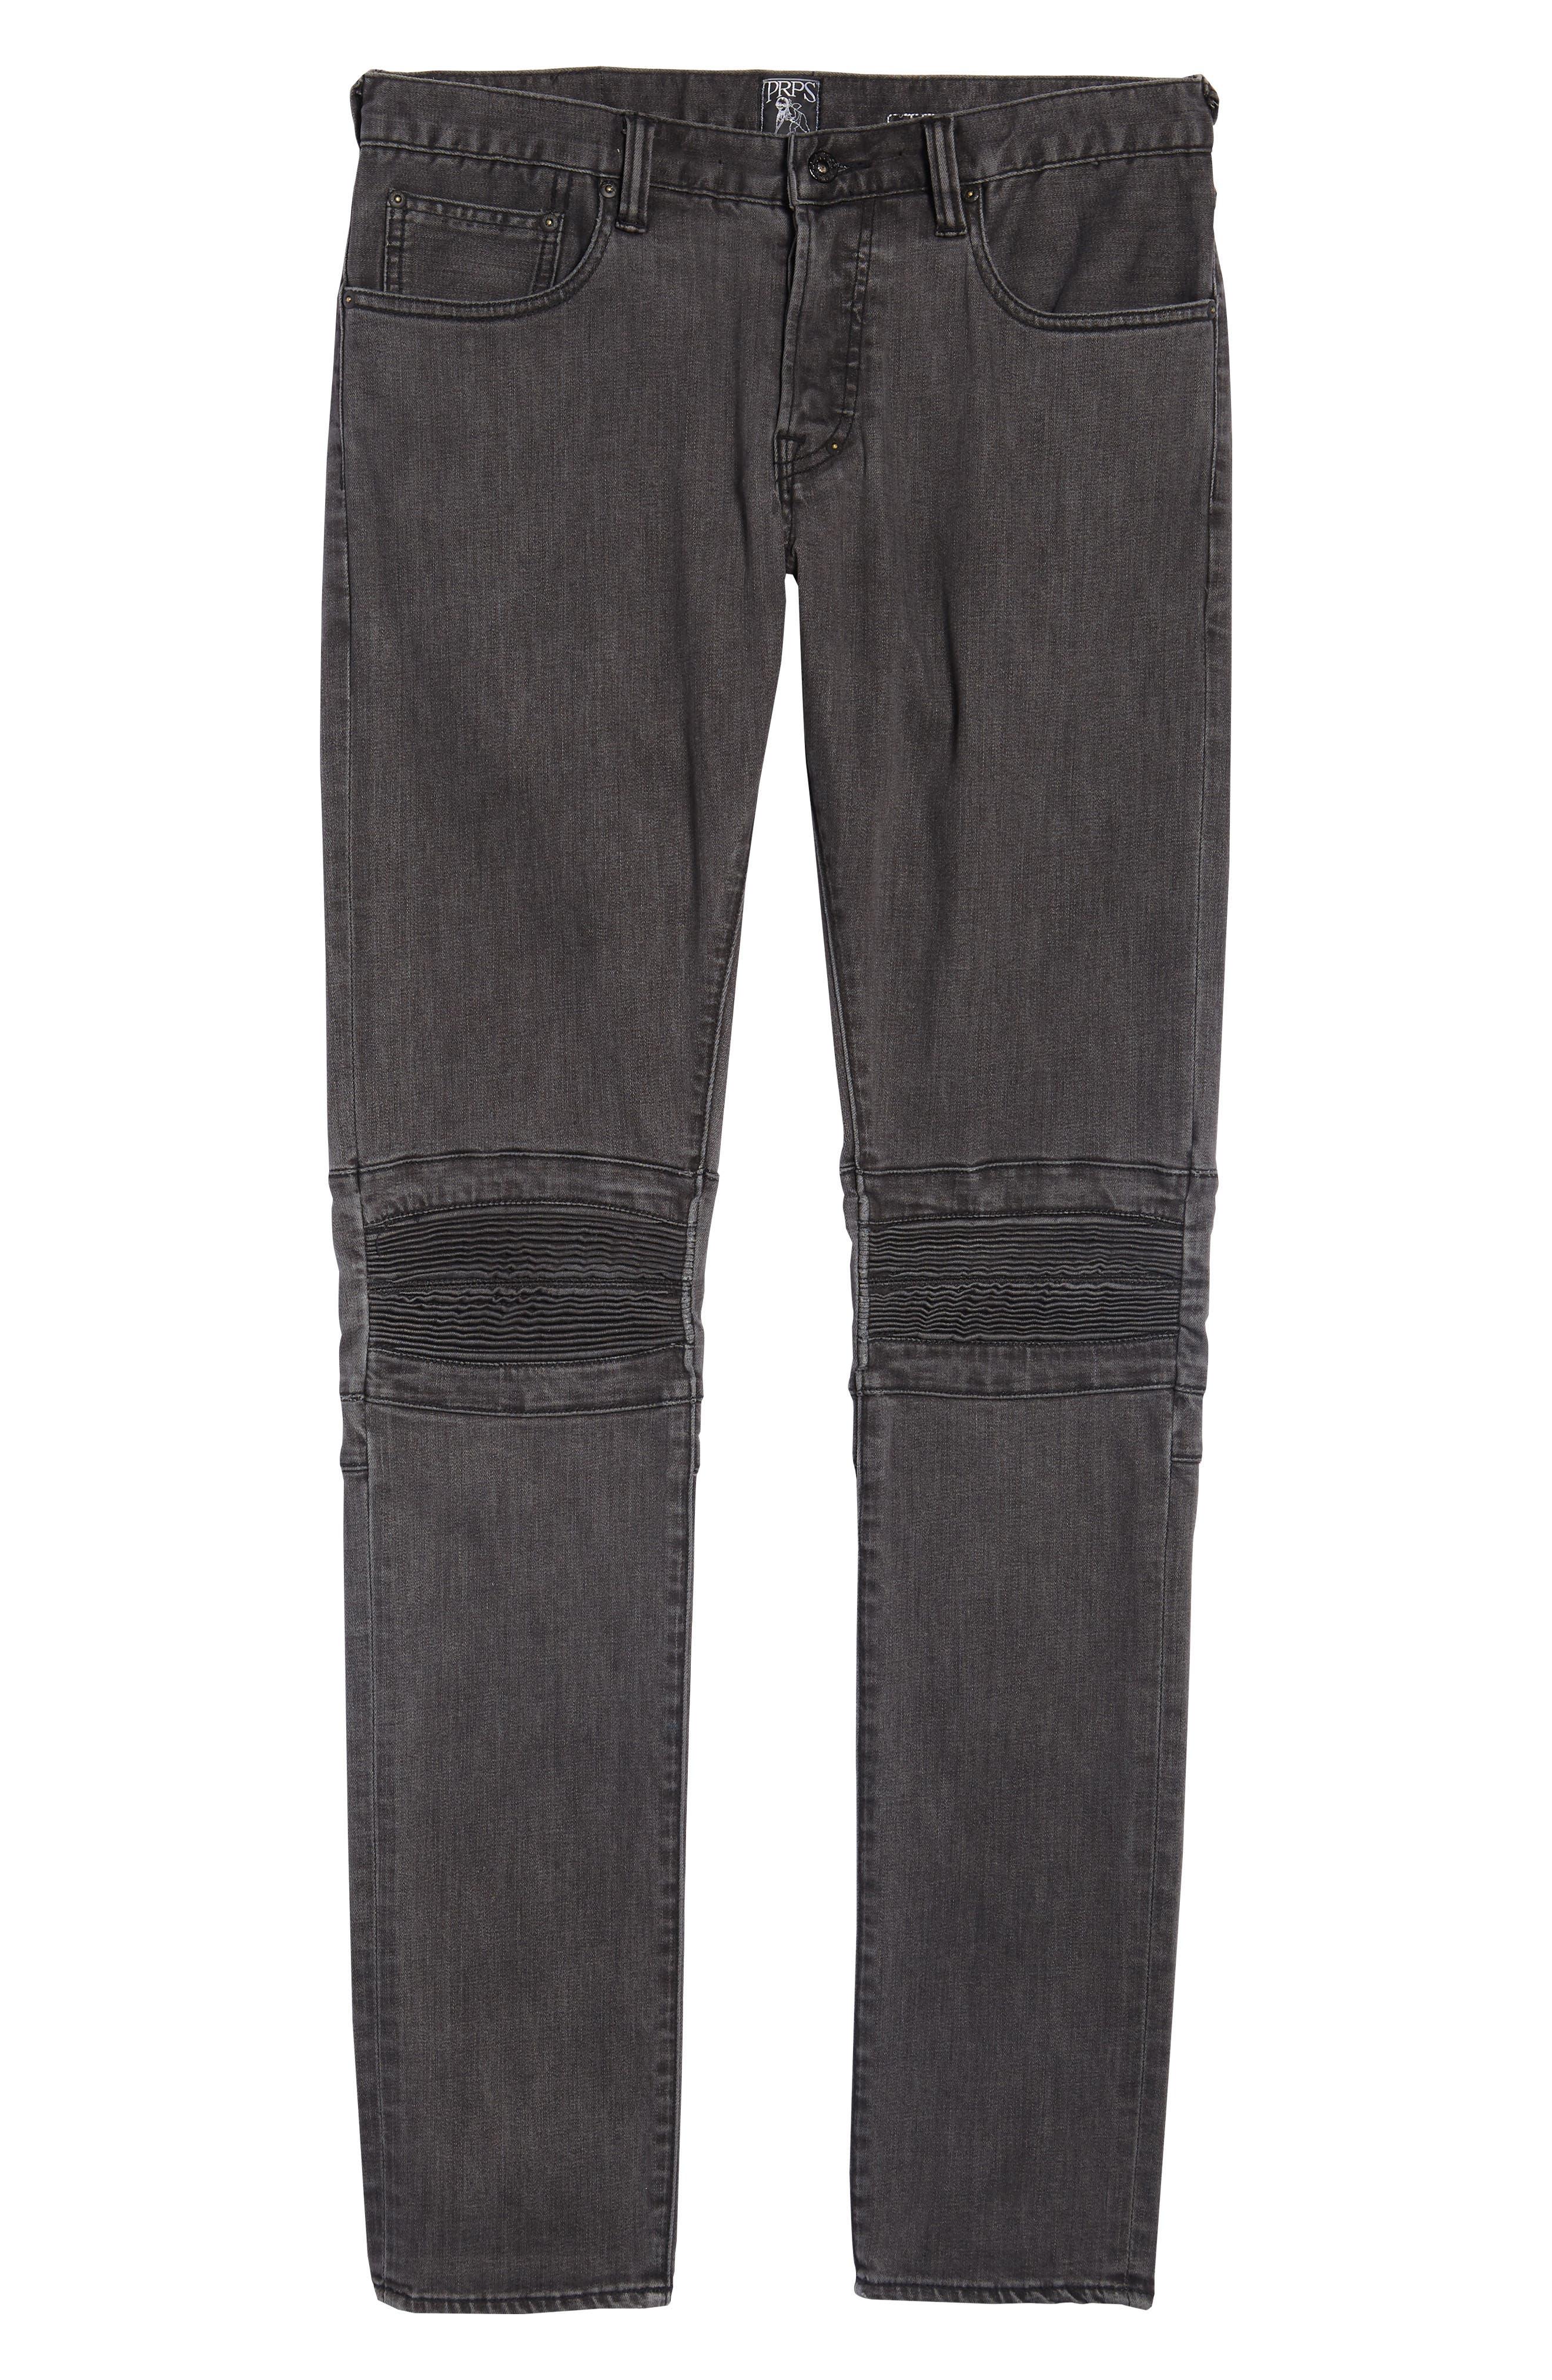 Le Sabre Slim Fit Jeans,                             Alternate thumbnail 6, color,                             FESTIVAL